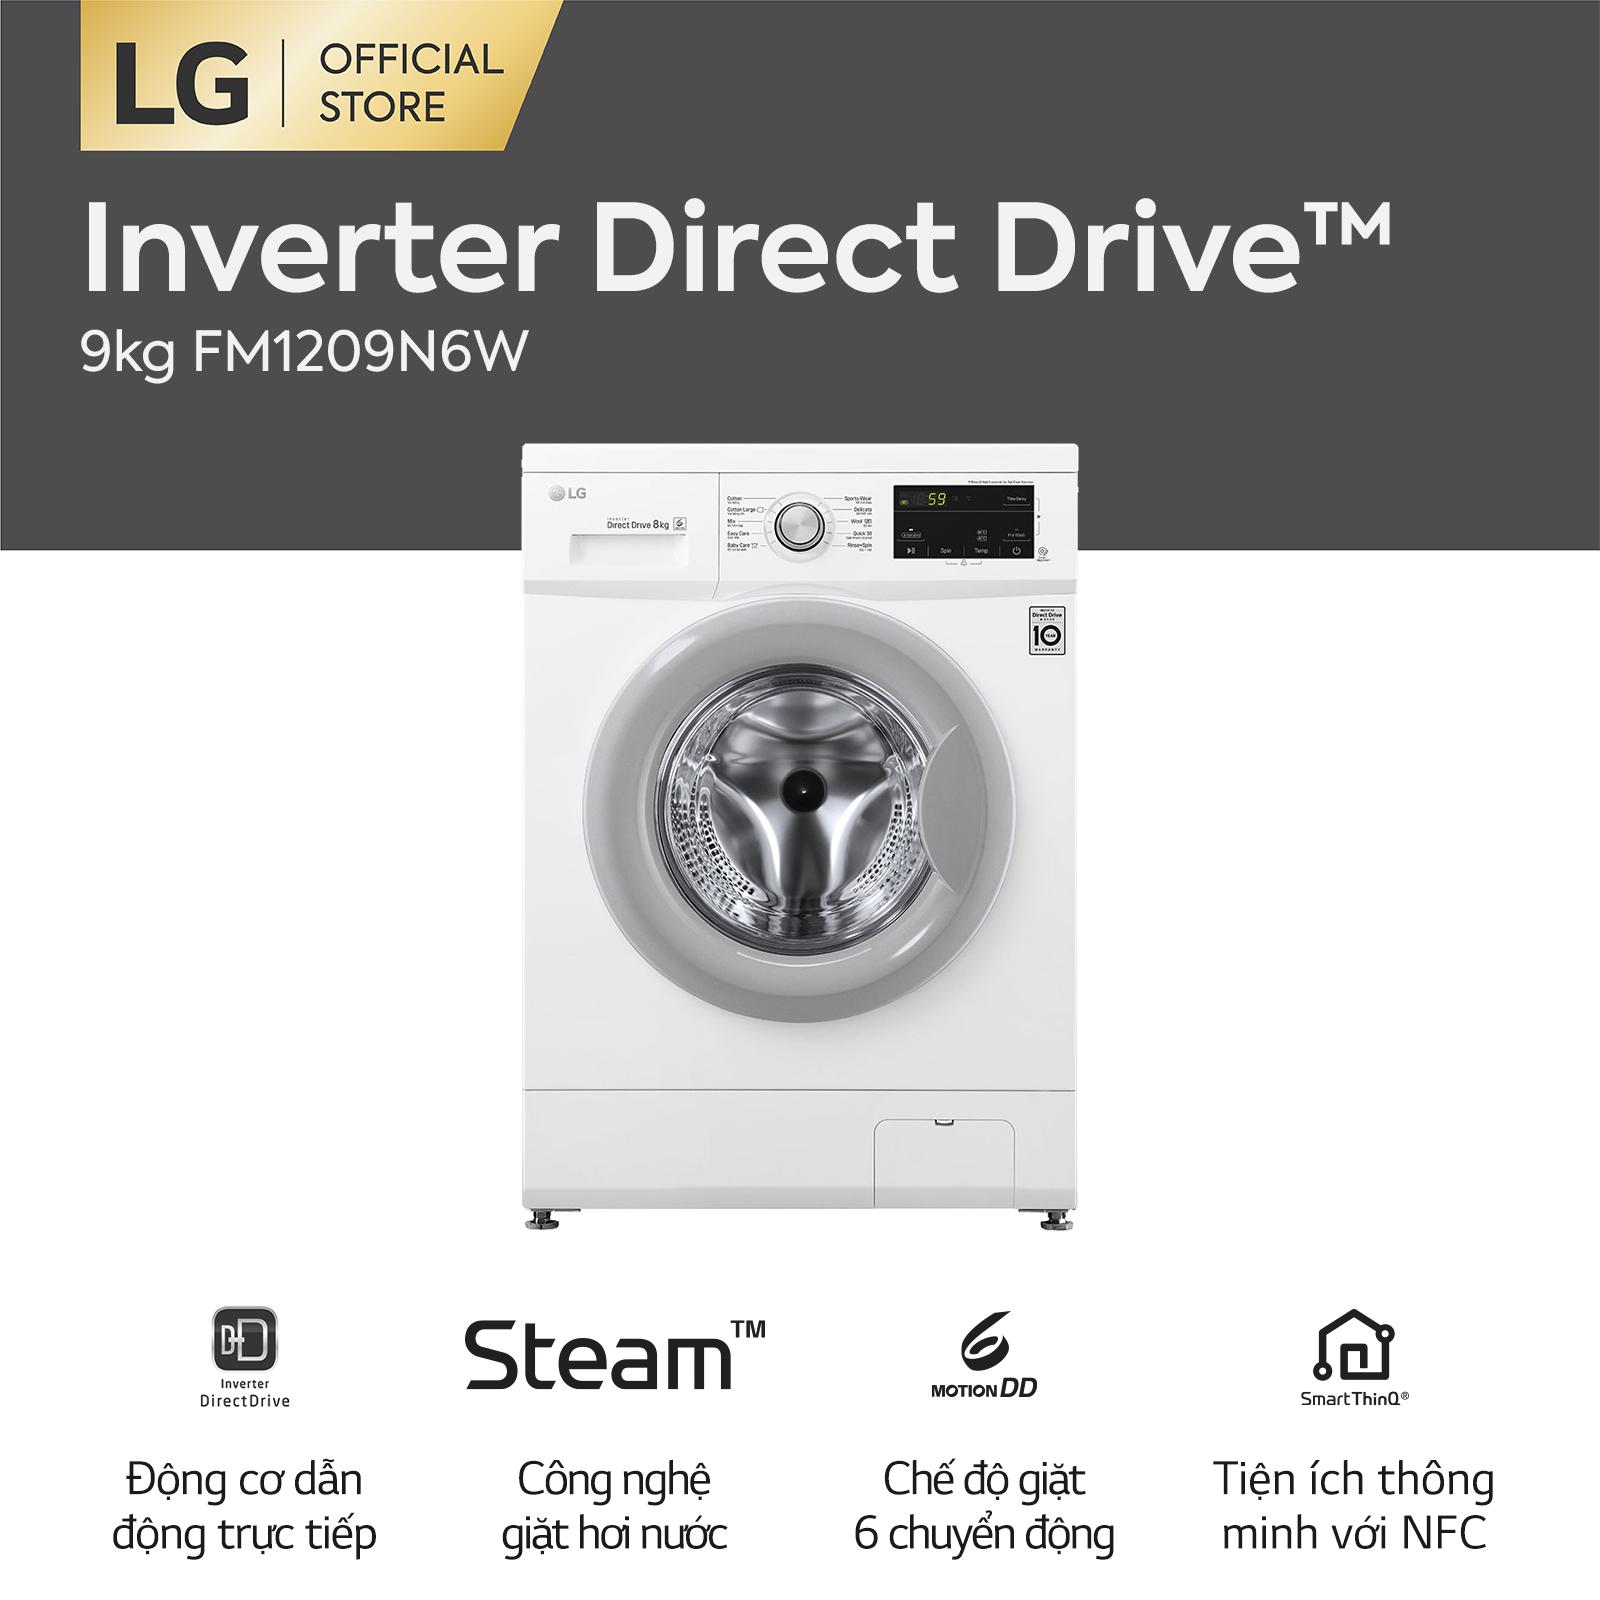 [Trả góp 0%][FREESHIP 500K TOÀN QUỐC] Máy giặt lồng ngang LG Inverter Direct Drive™ FM1209N6W 9kg (Trắng) – Hãng phân phối chính thức